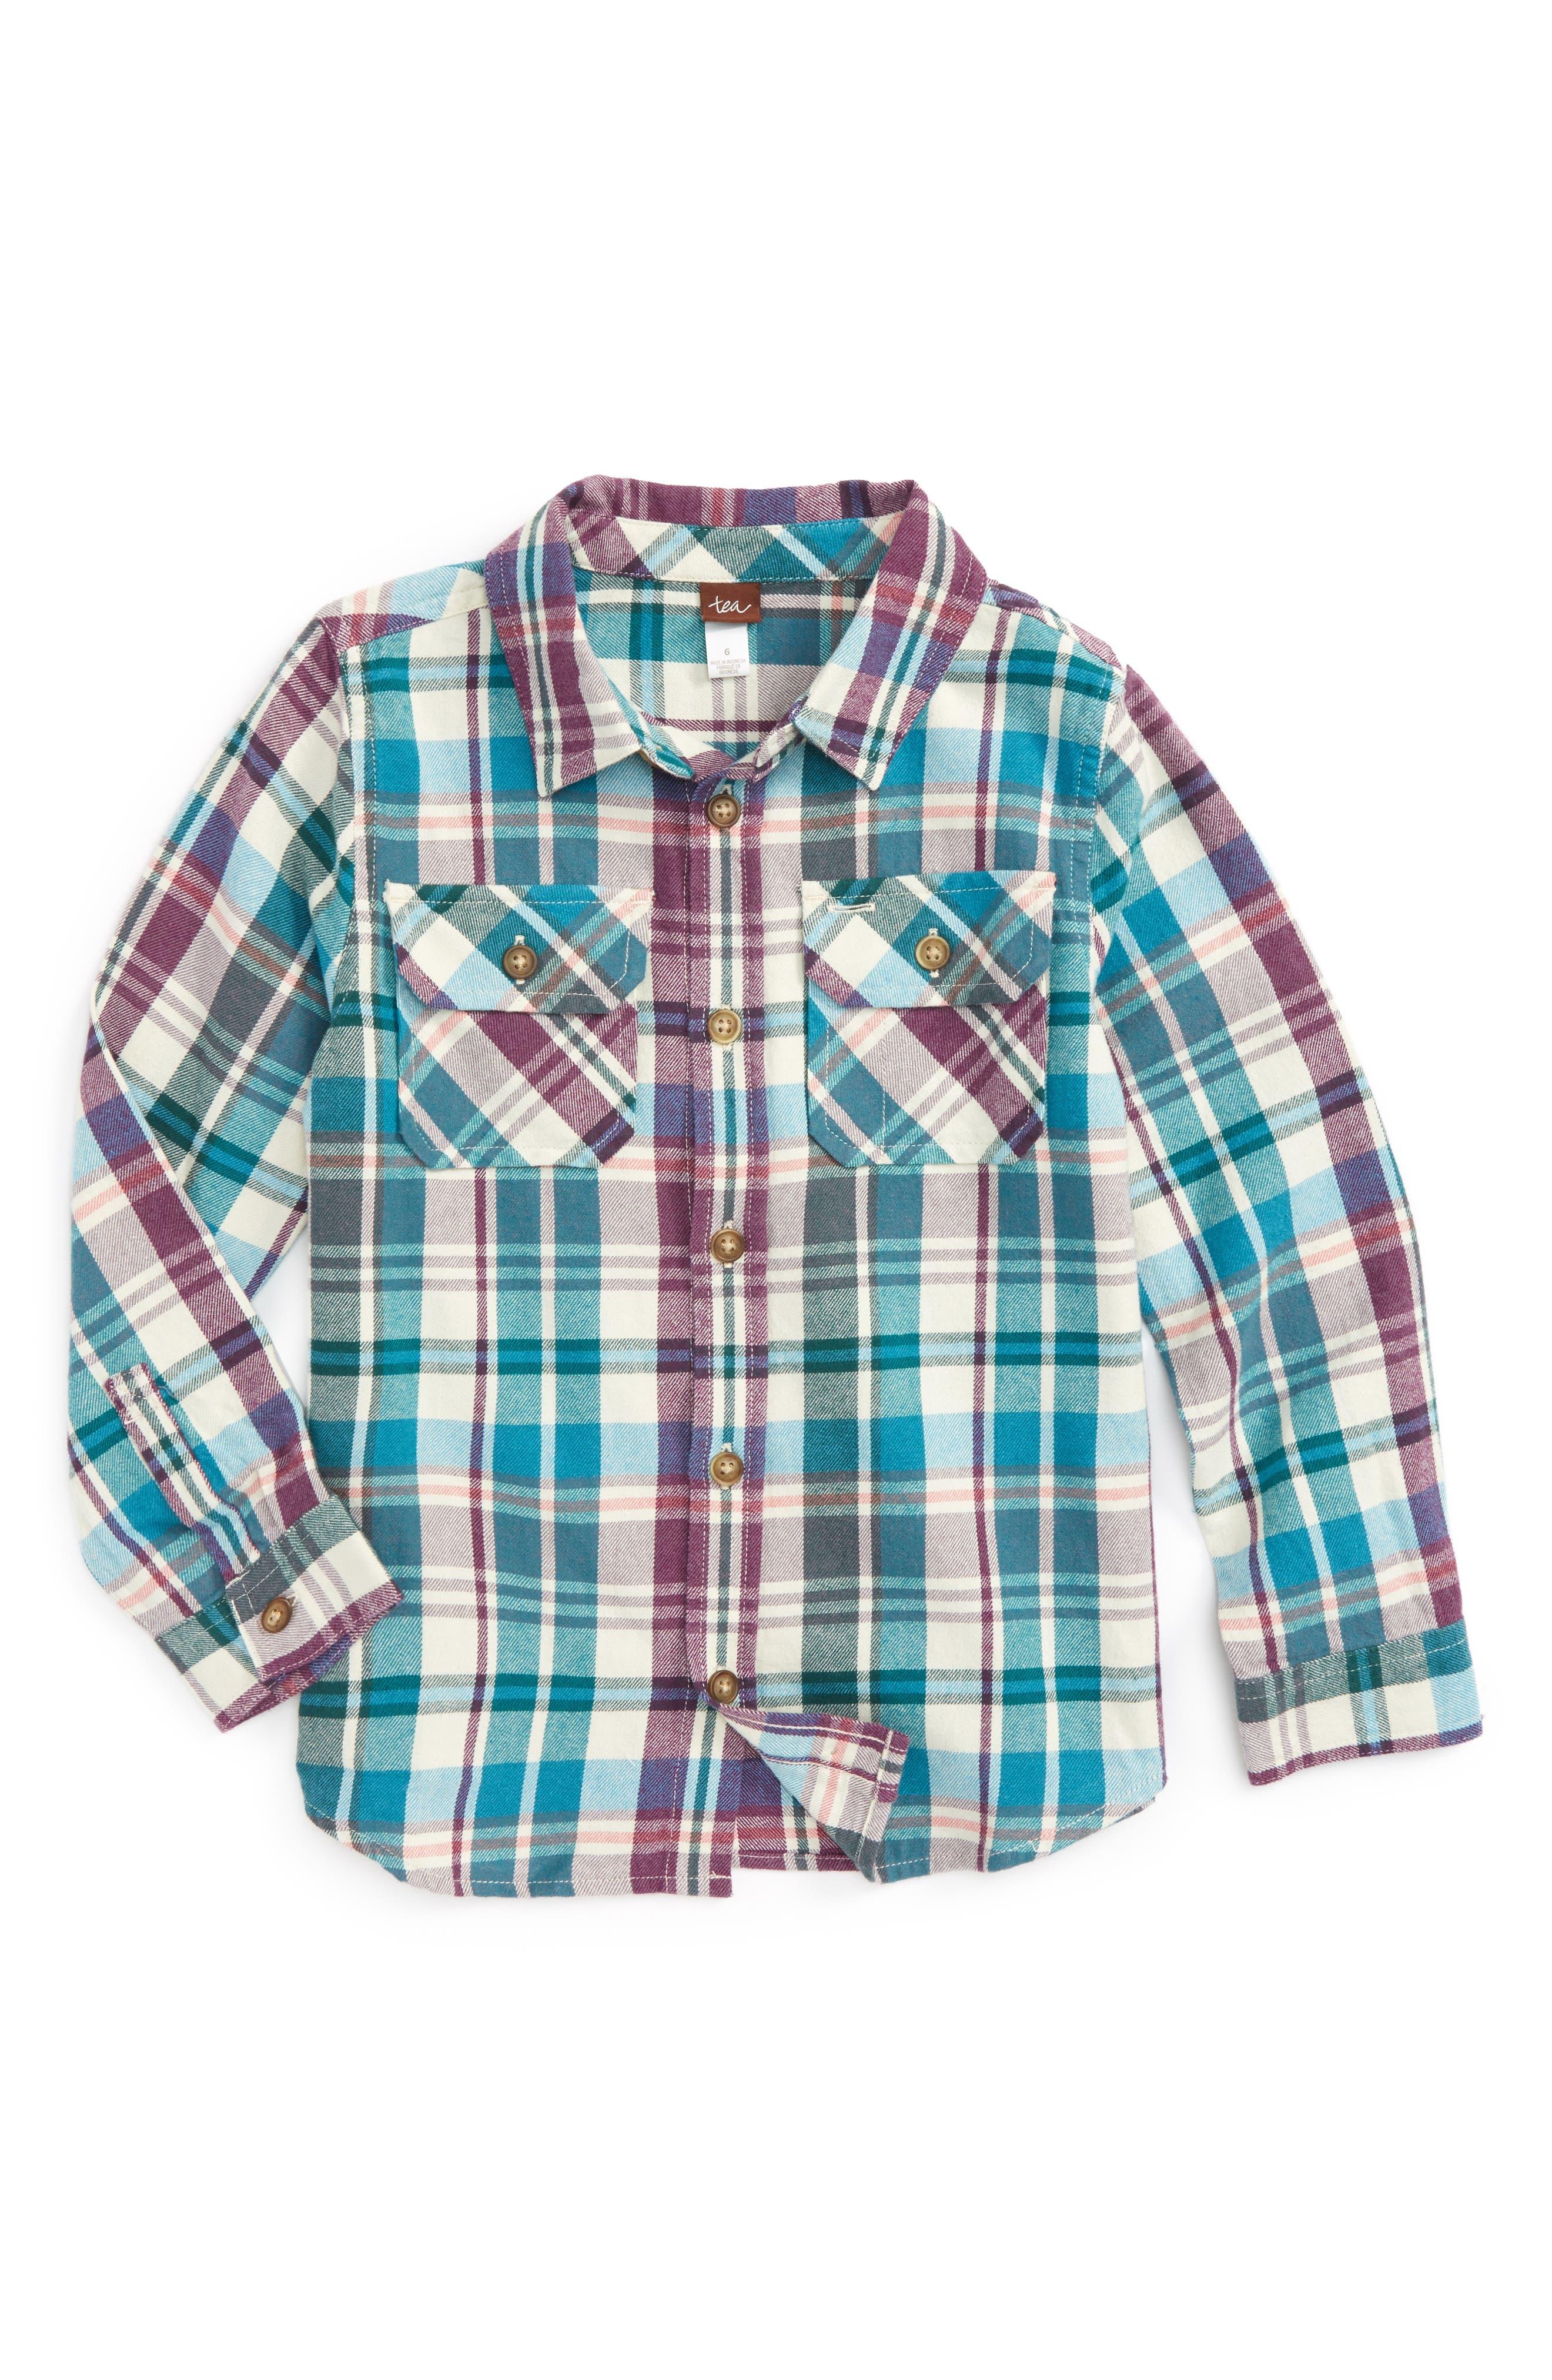 Beaufort Plaid Flannel Shirt,                         Main,                         color, 440